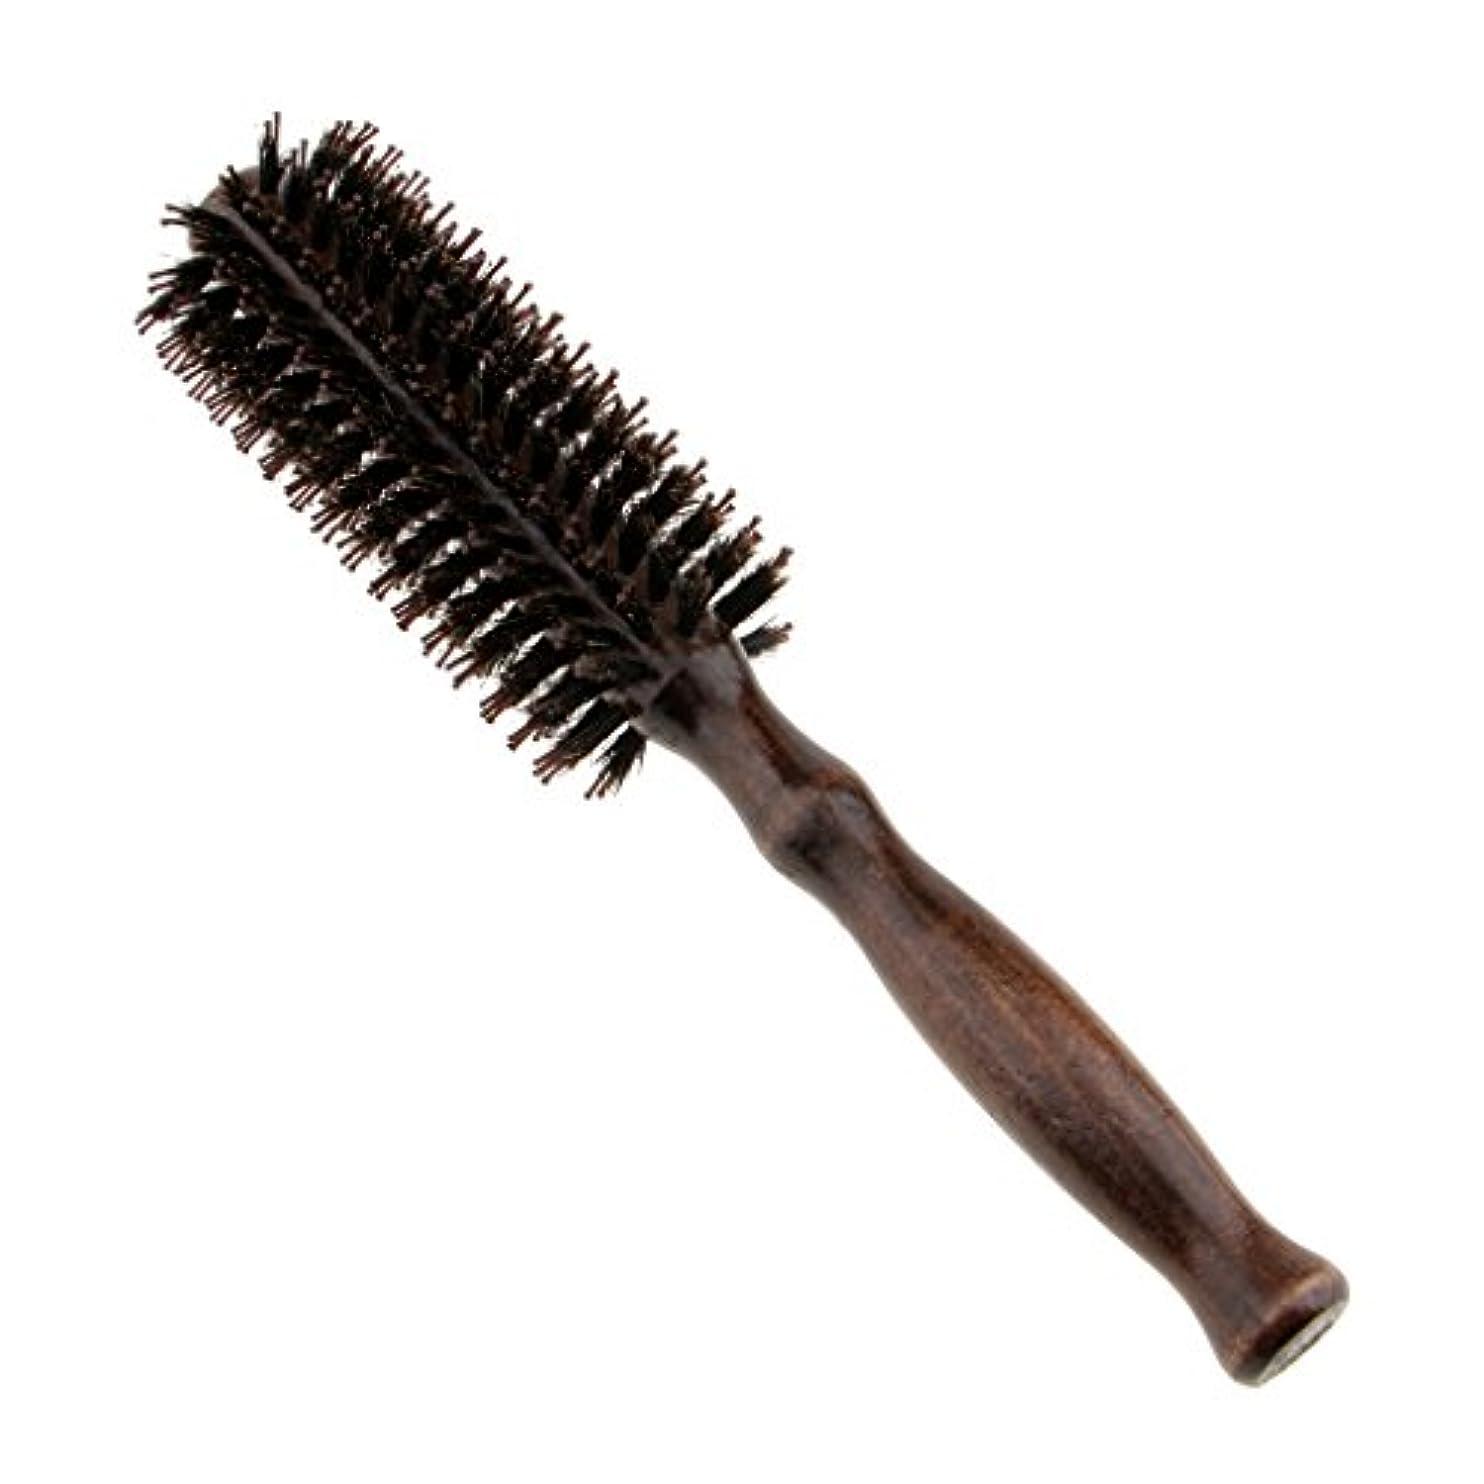 土曜日彼らの爆発物DYNWAVE ラウンドウッドのハンドルヘアブラシの理髪美容カールヘアブラシのブラシ - #1